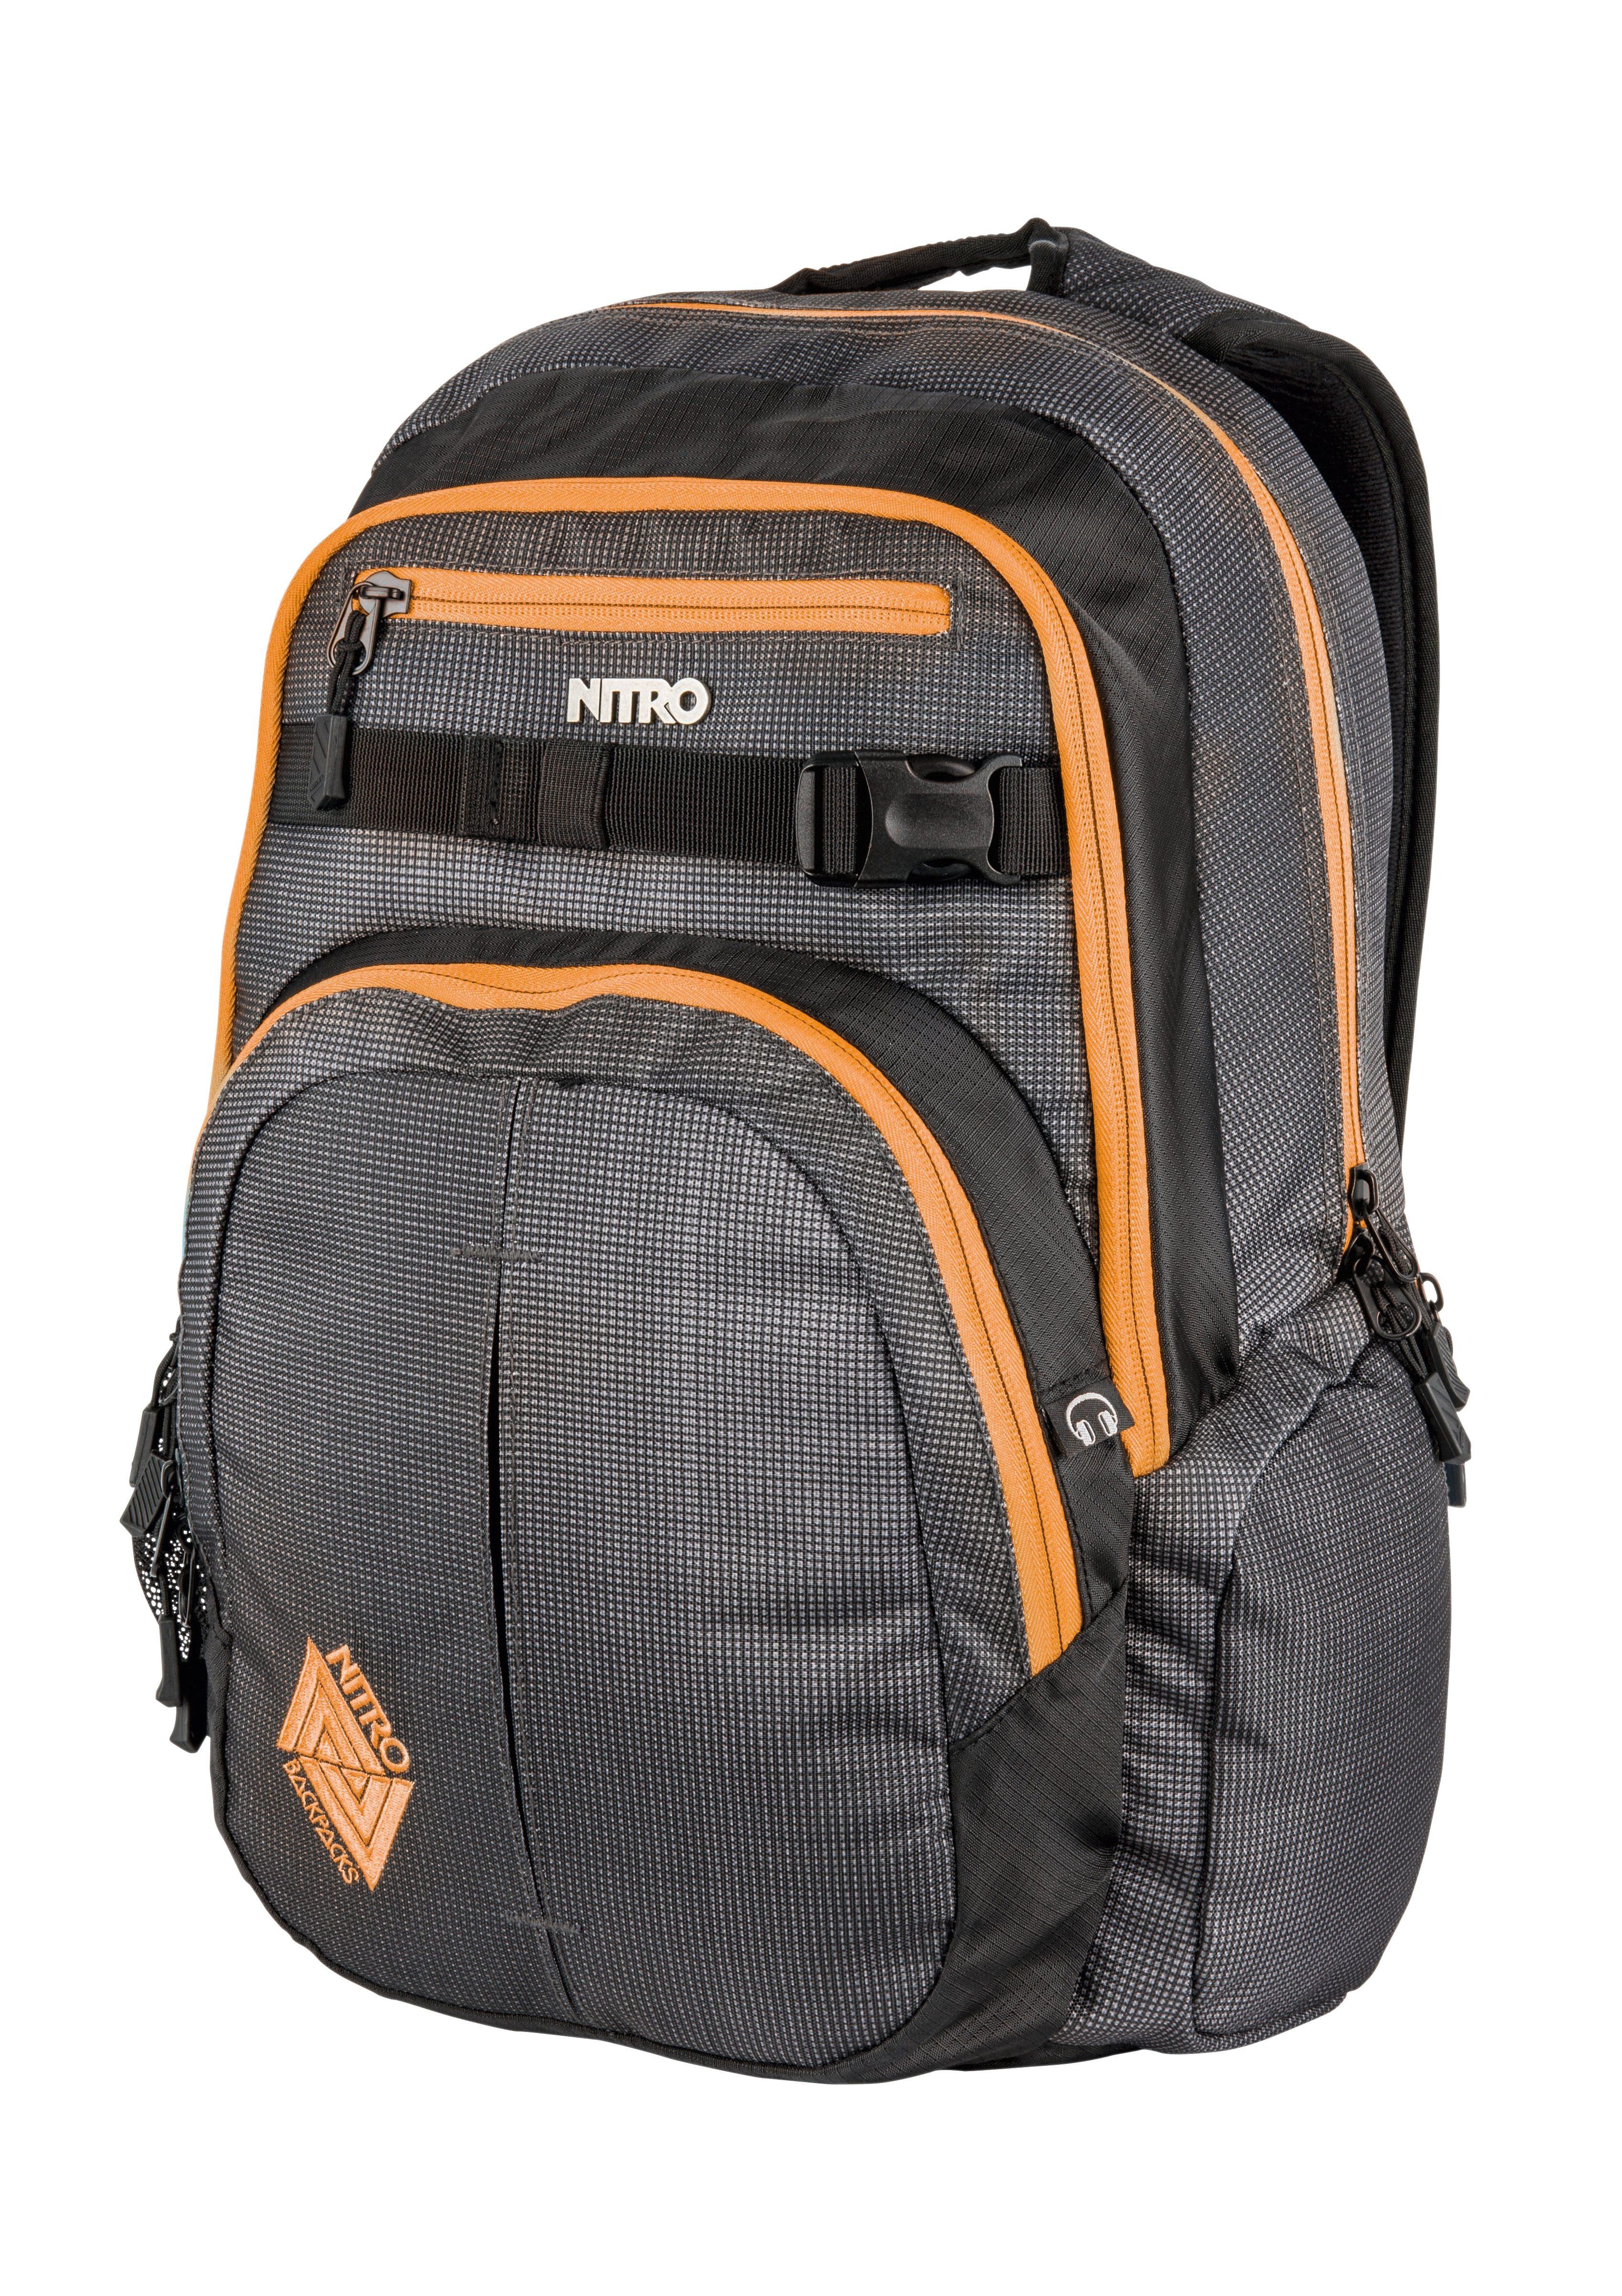 Nitro Schulrucksack, »Chase - Blur Orange Trims«